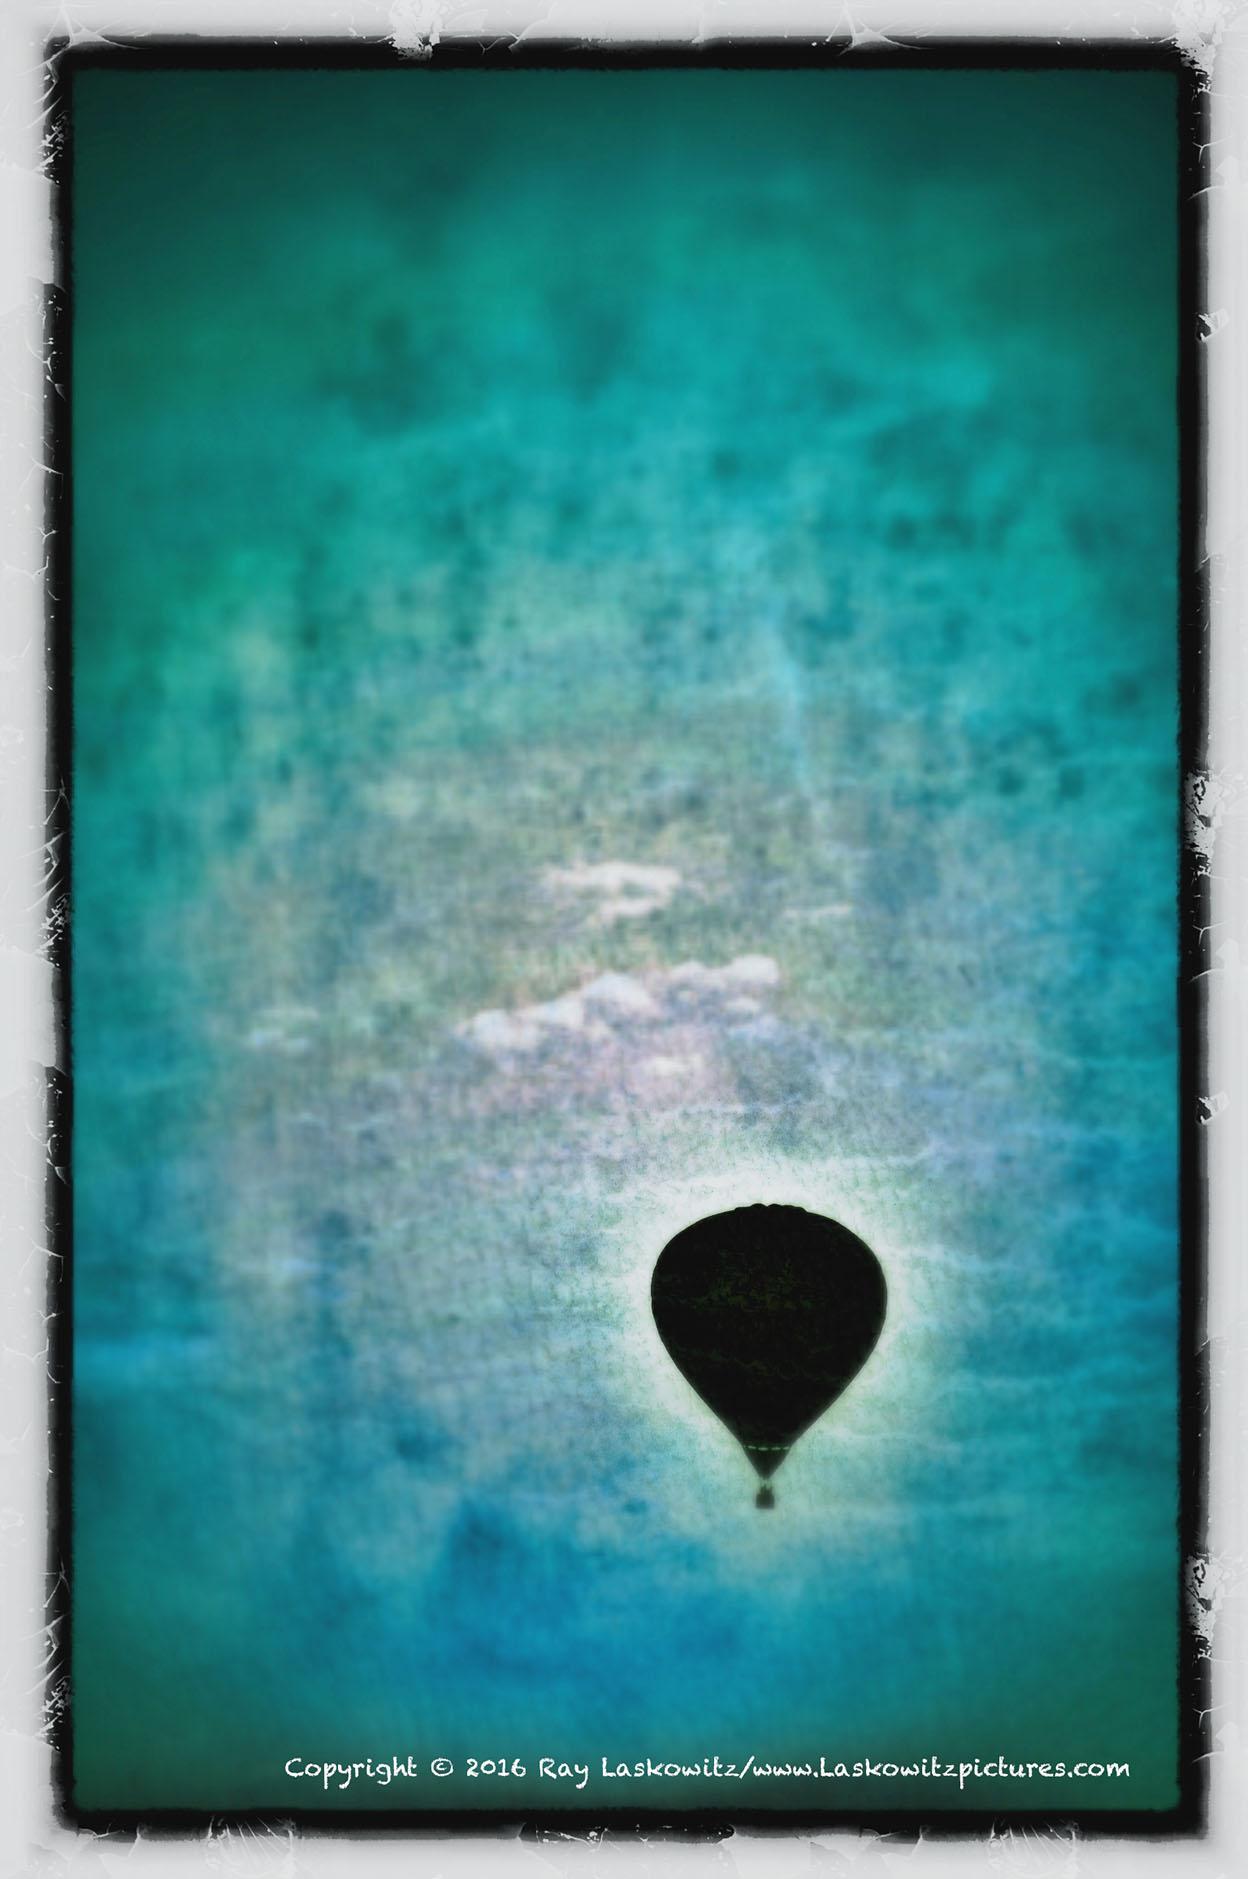 New Mexican balloon.